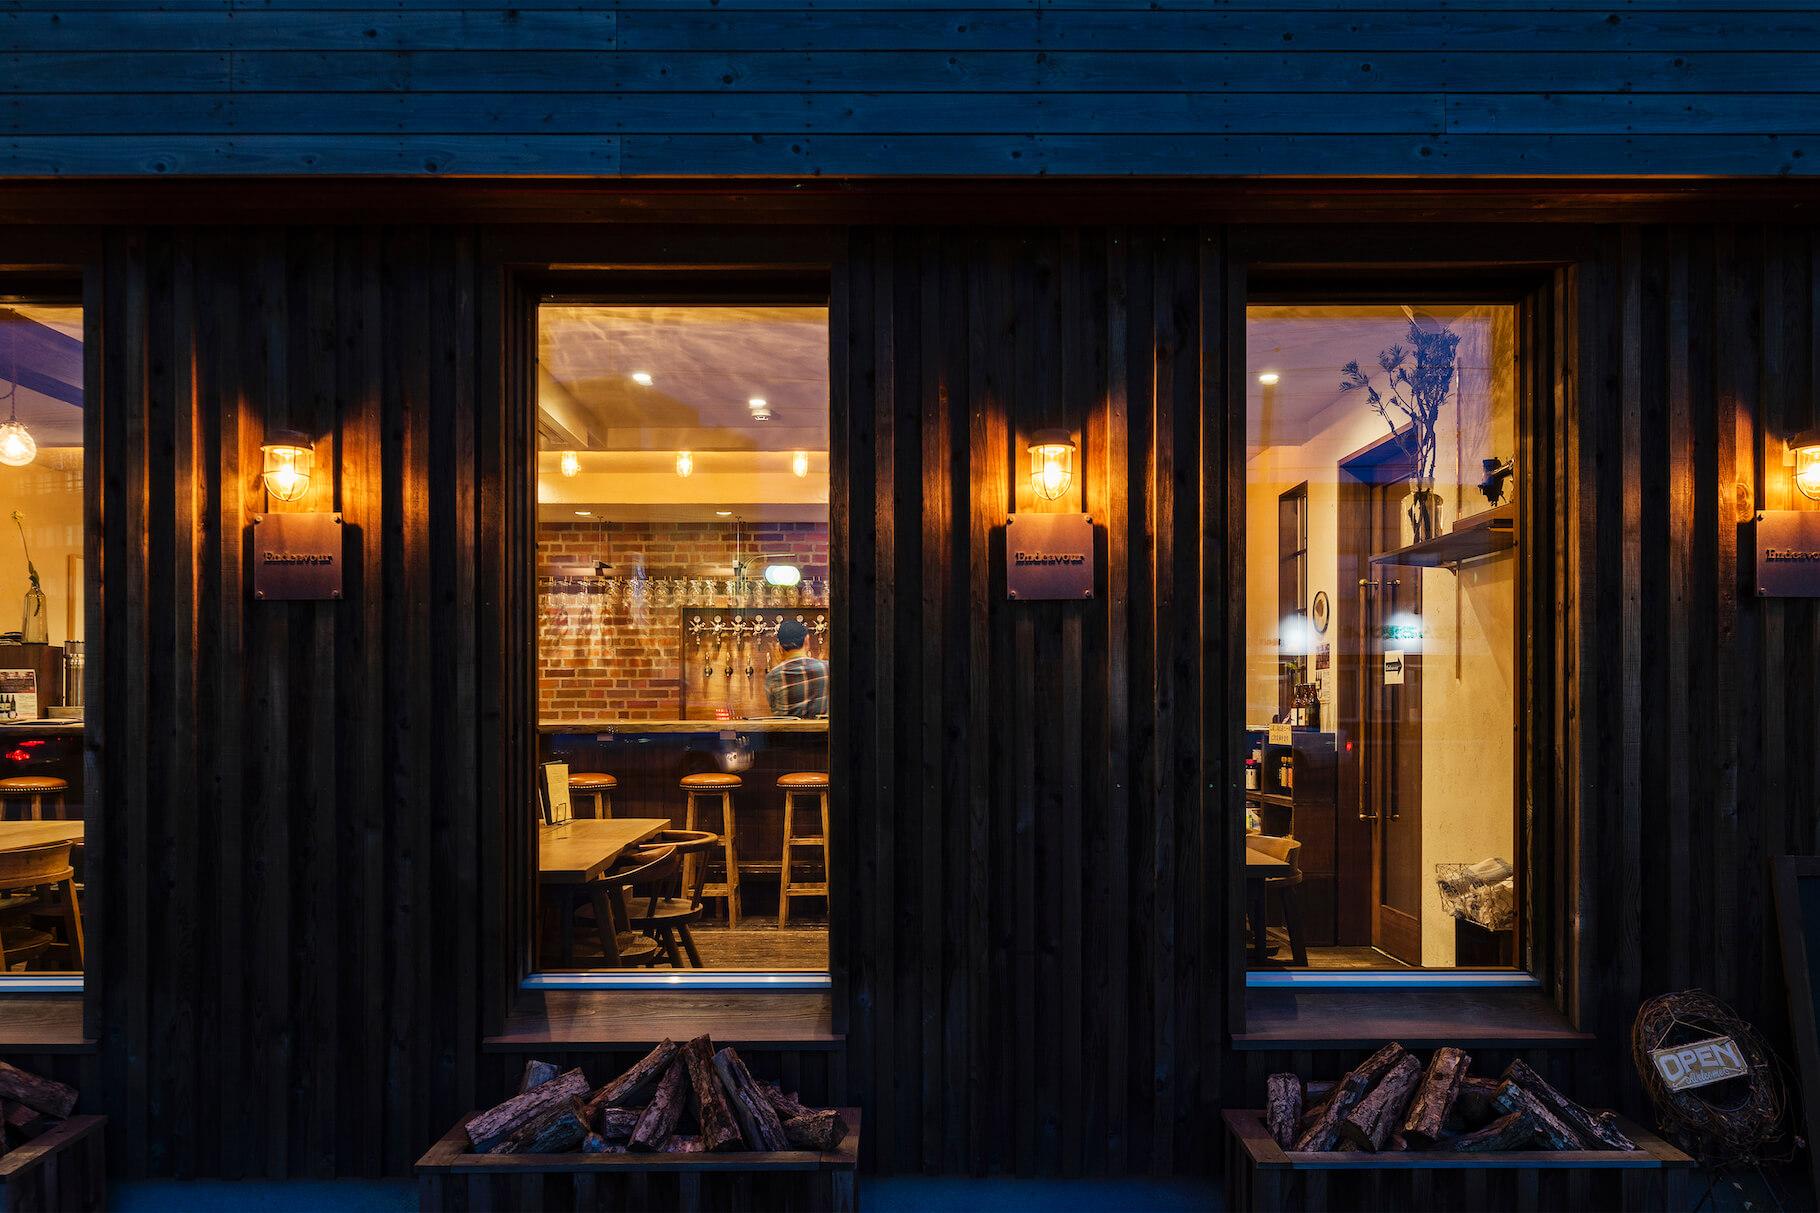 写真:窓越しに見る店内の様子。外壁は杉板を古美仕上げに